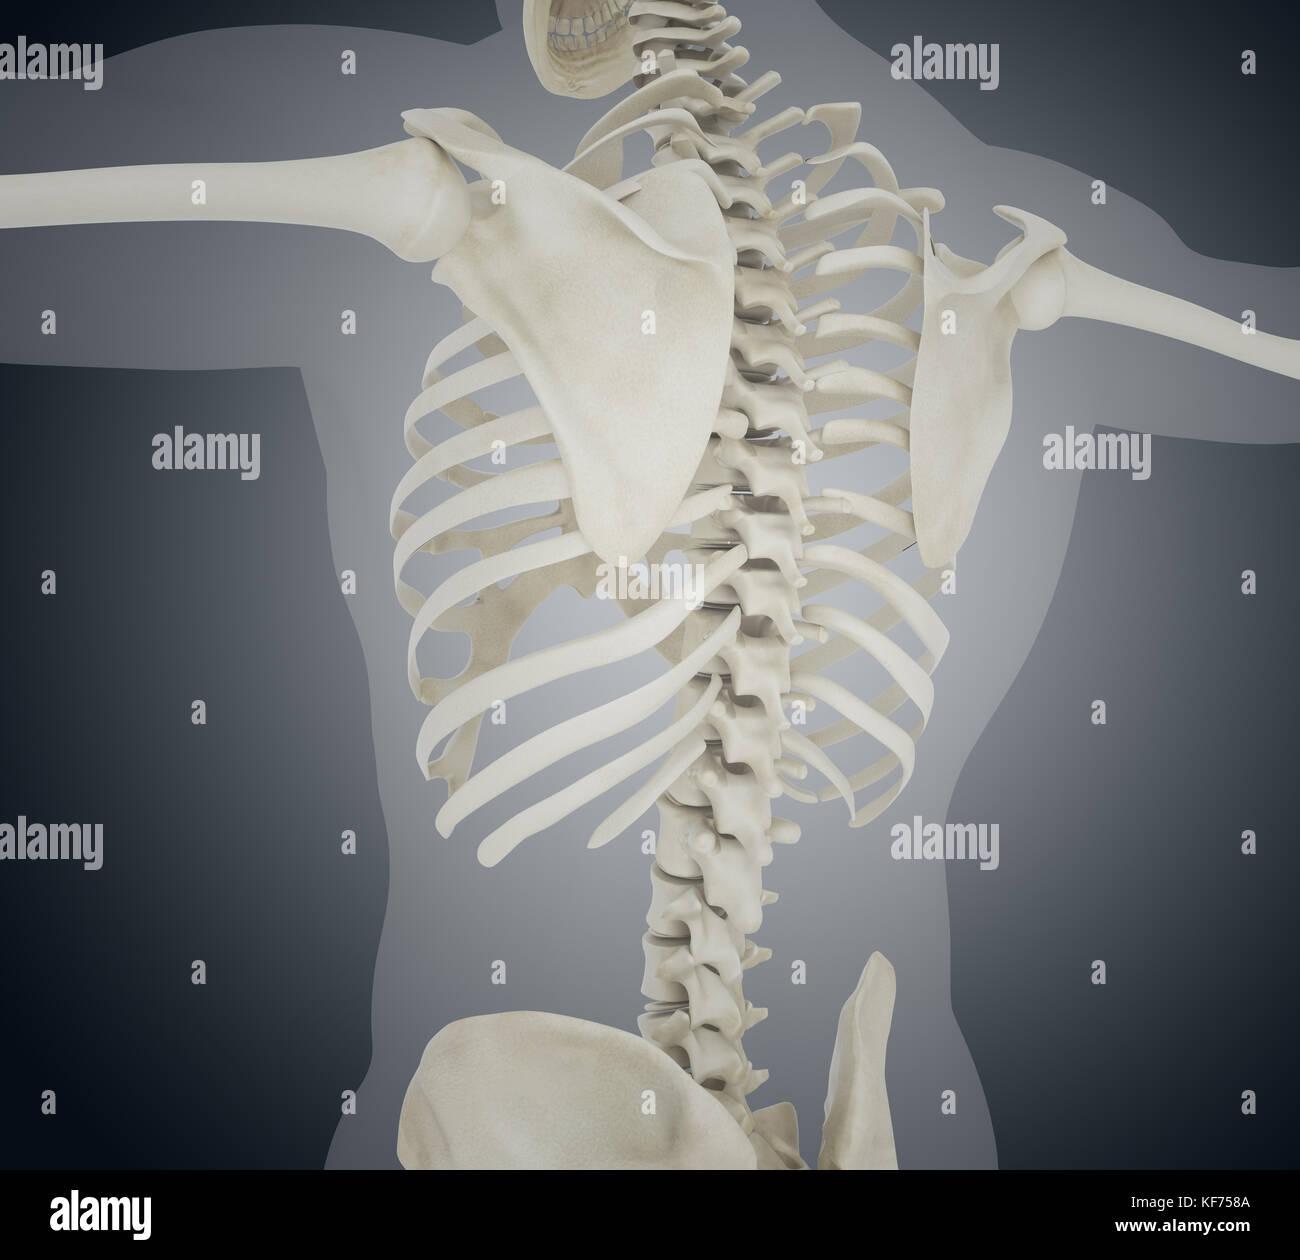 3d-Llustration. Menschliches Skelett zurück, Skelett Anatomie ...